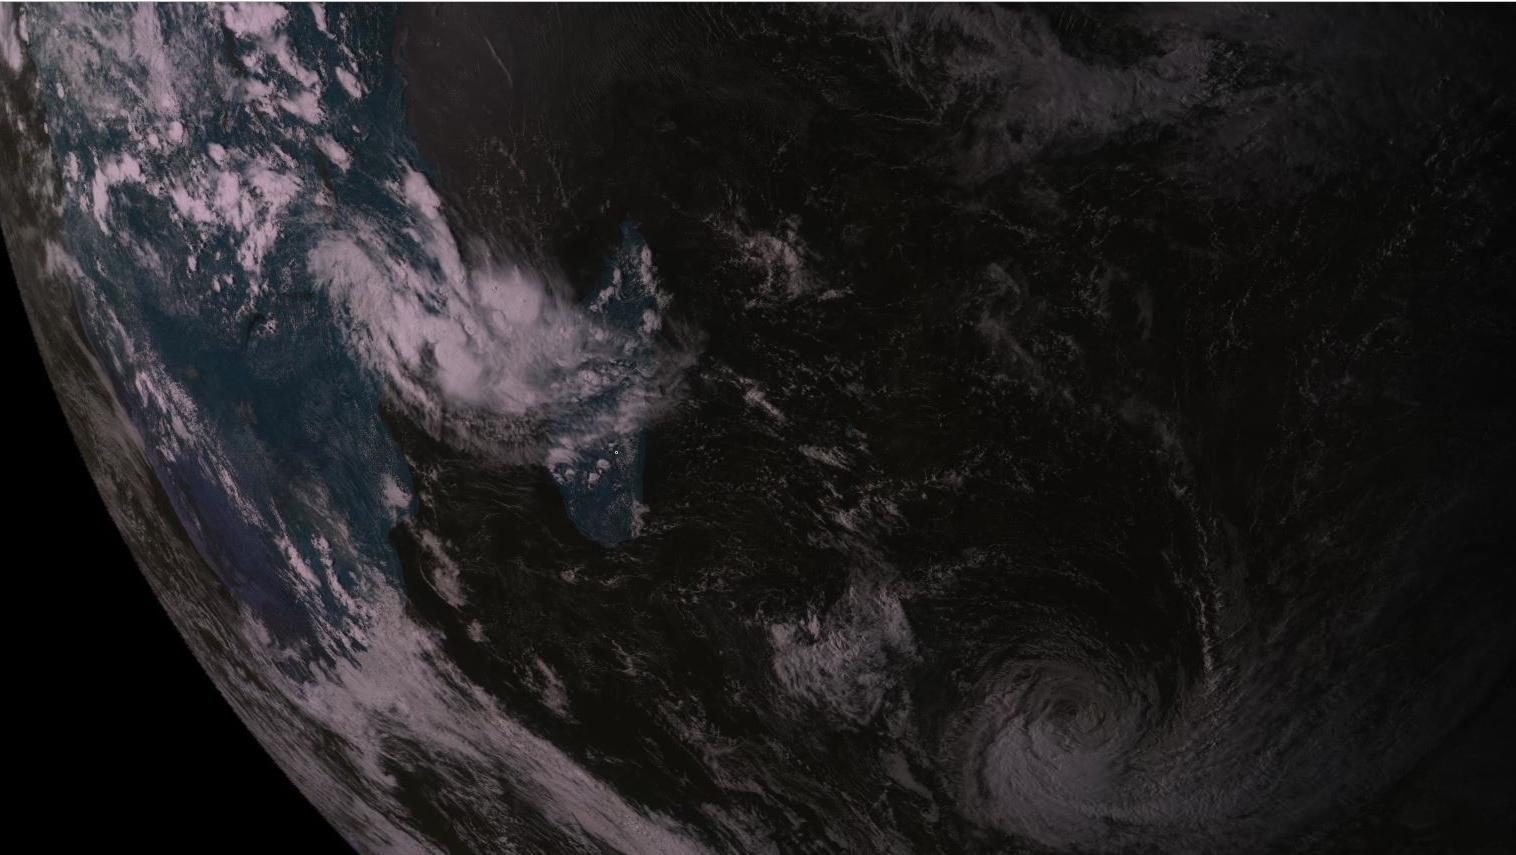 16h30: plan large du satellite russe. En bas à droite de l'image l'ex cyclone tropical intense HALEH. A l'ouest de Mada sur le Canal de Mozambique on suit 98S qui va probablement se développer sur le canal ces prochains jours.